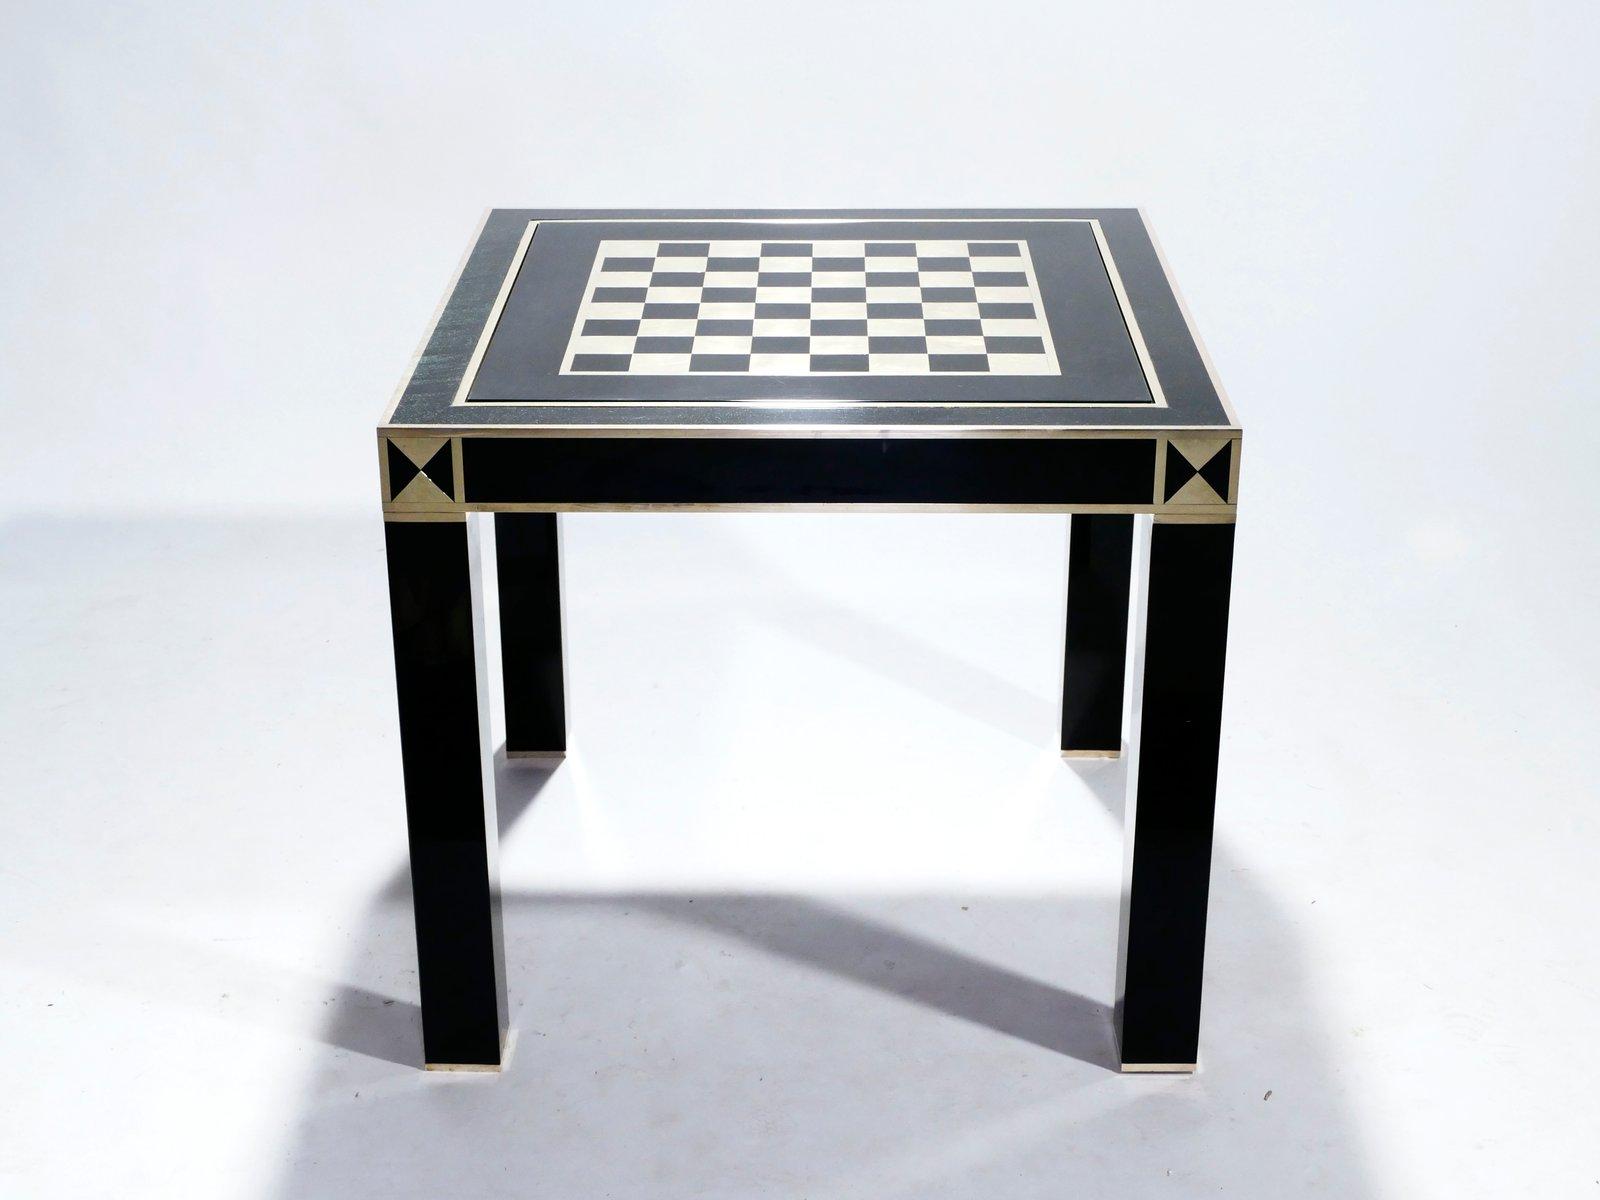 Maison Romeo Weitere Tische Online Kaufen Möbel Suchmaschine